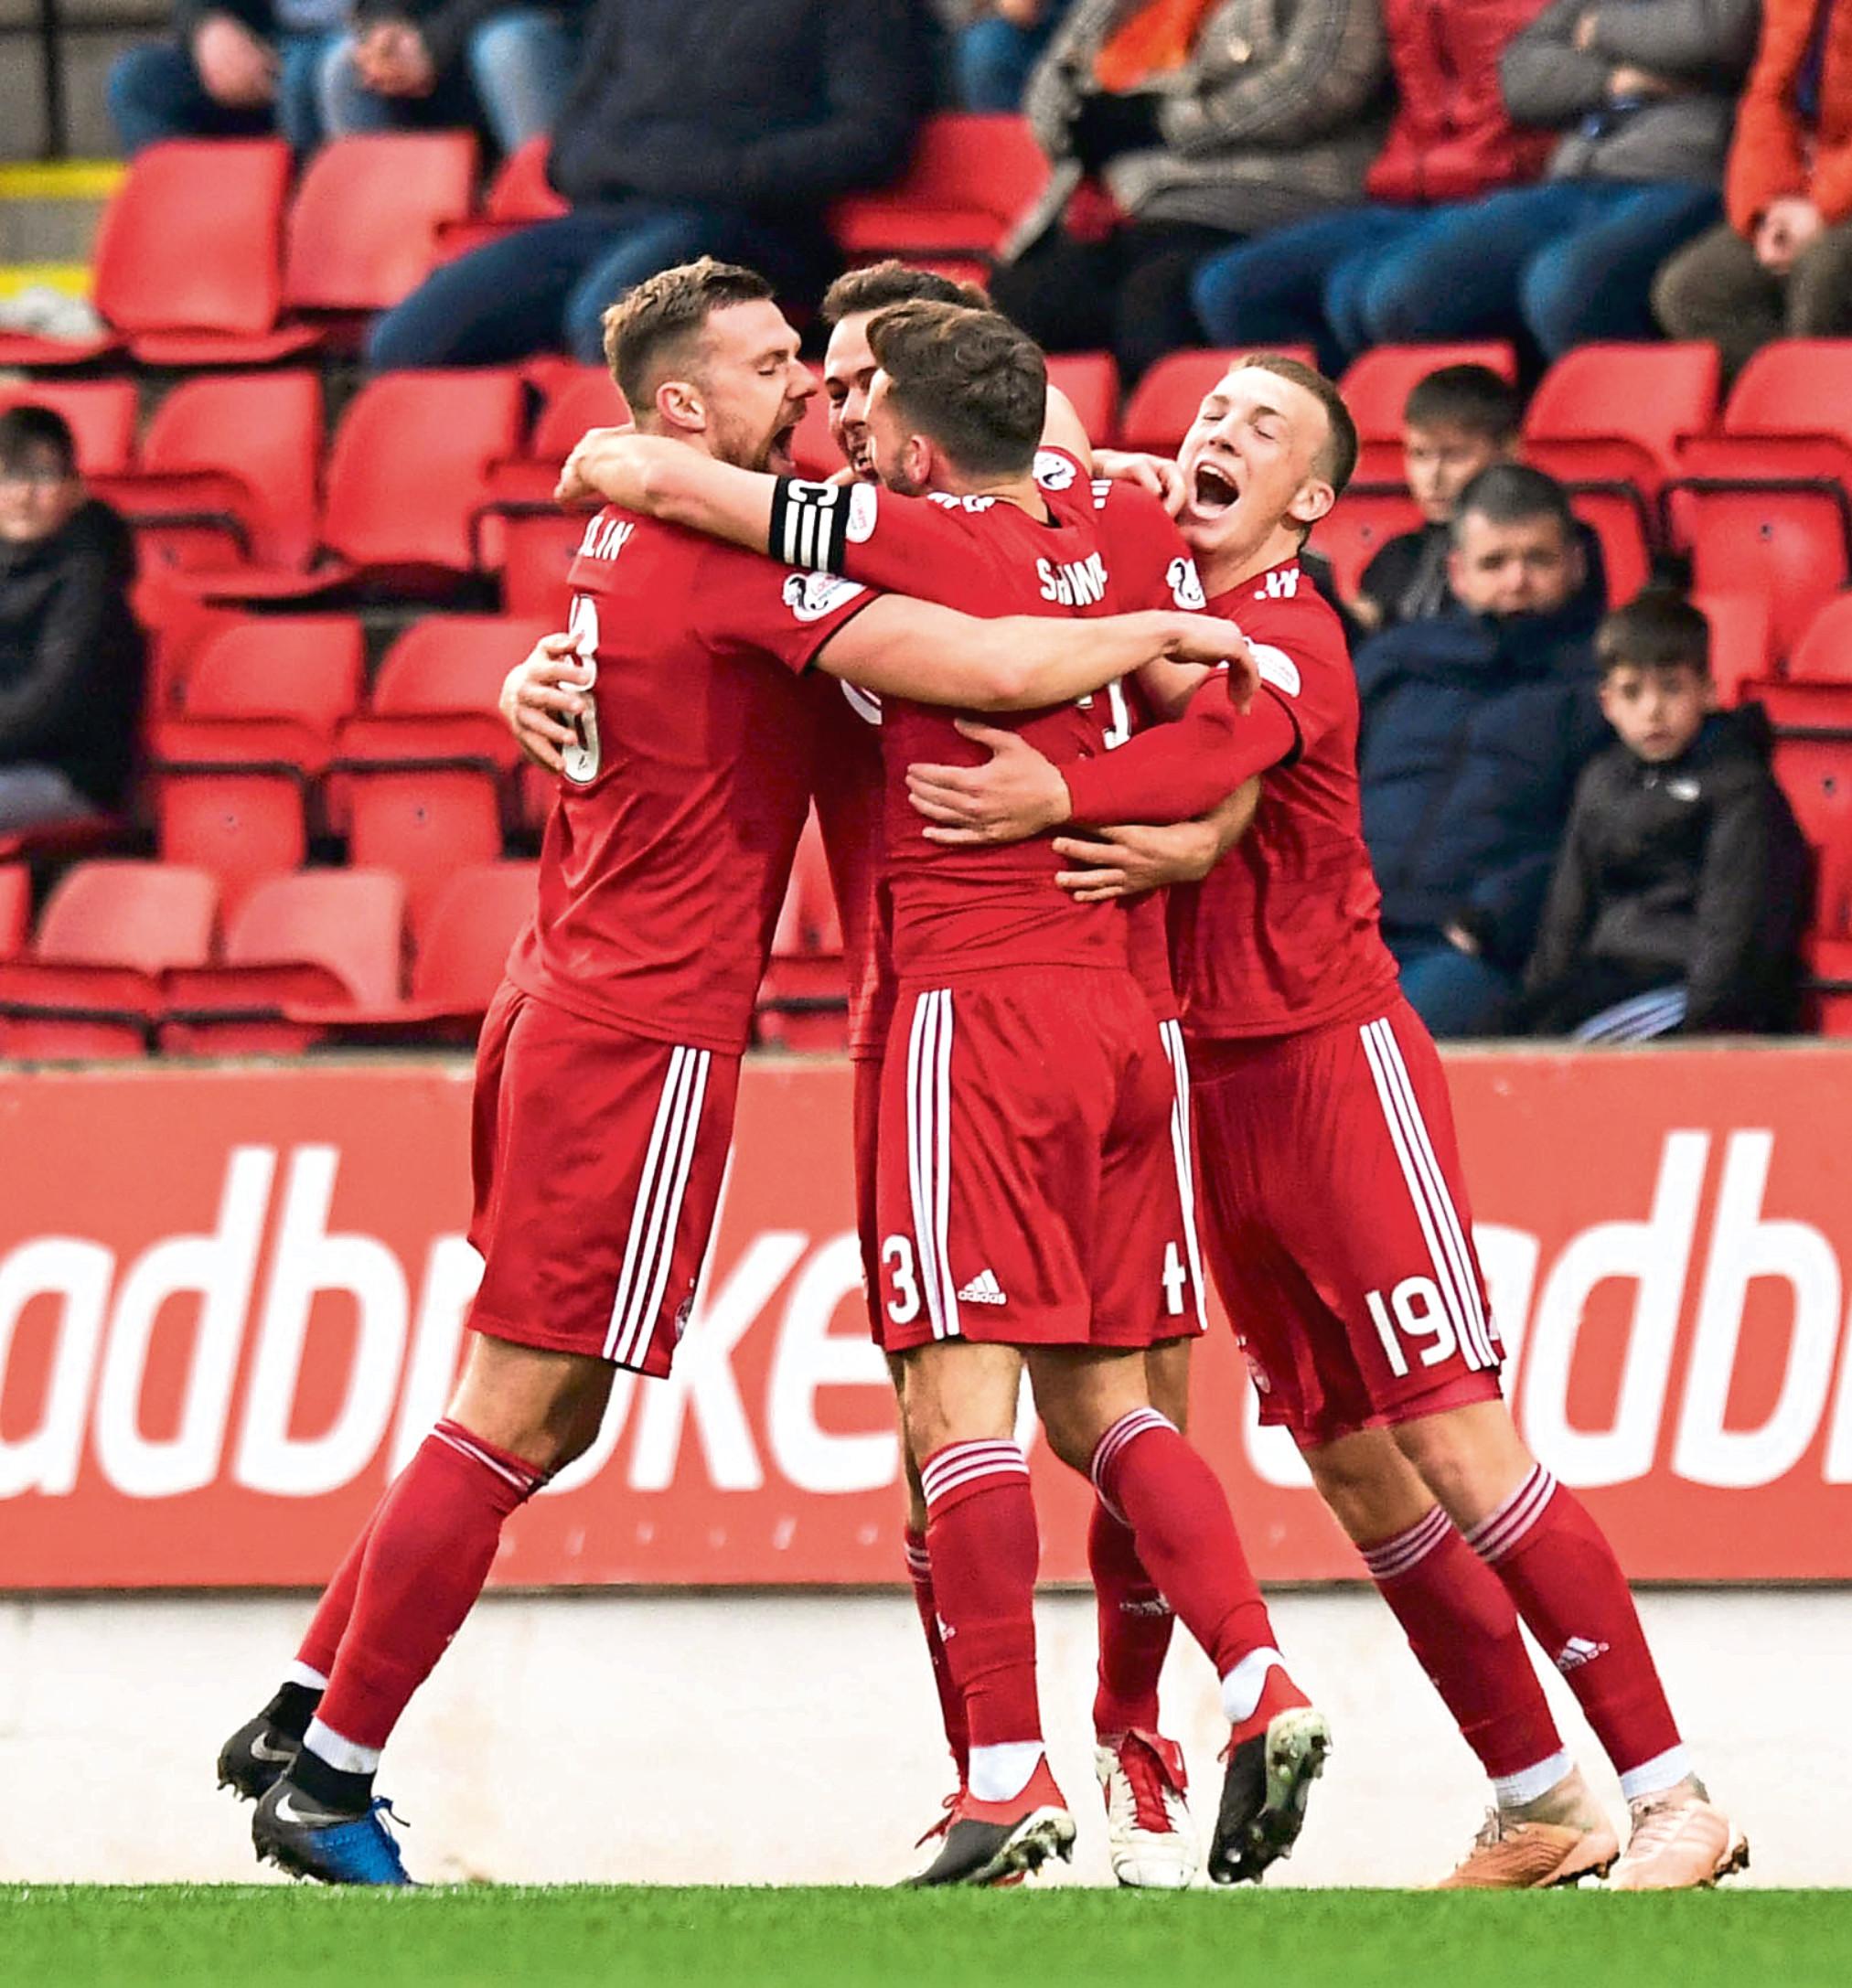 Aberdeen's Graeme Shinnie celebrates a goal with his team mates